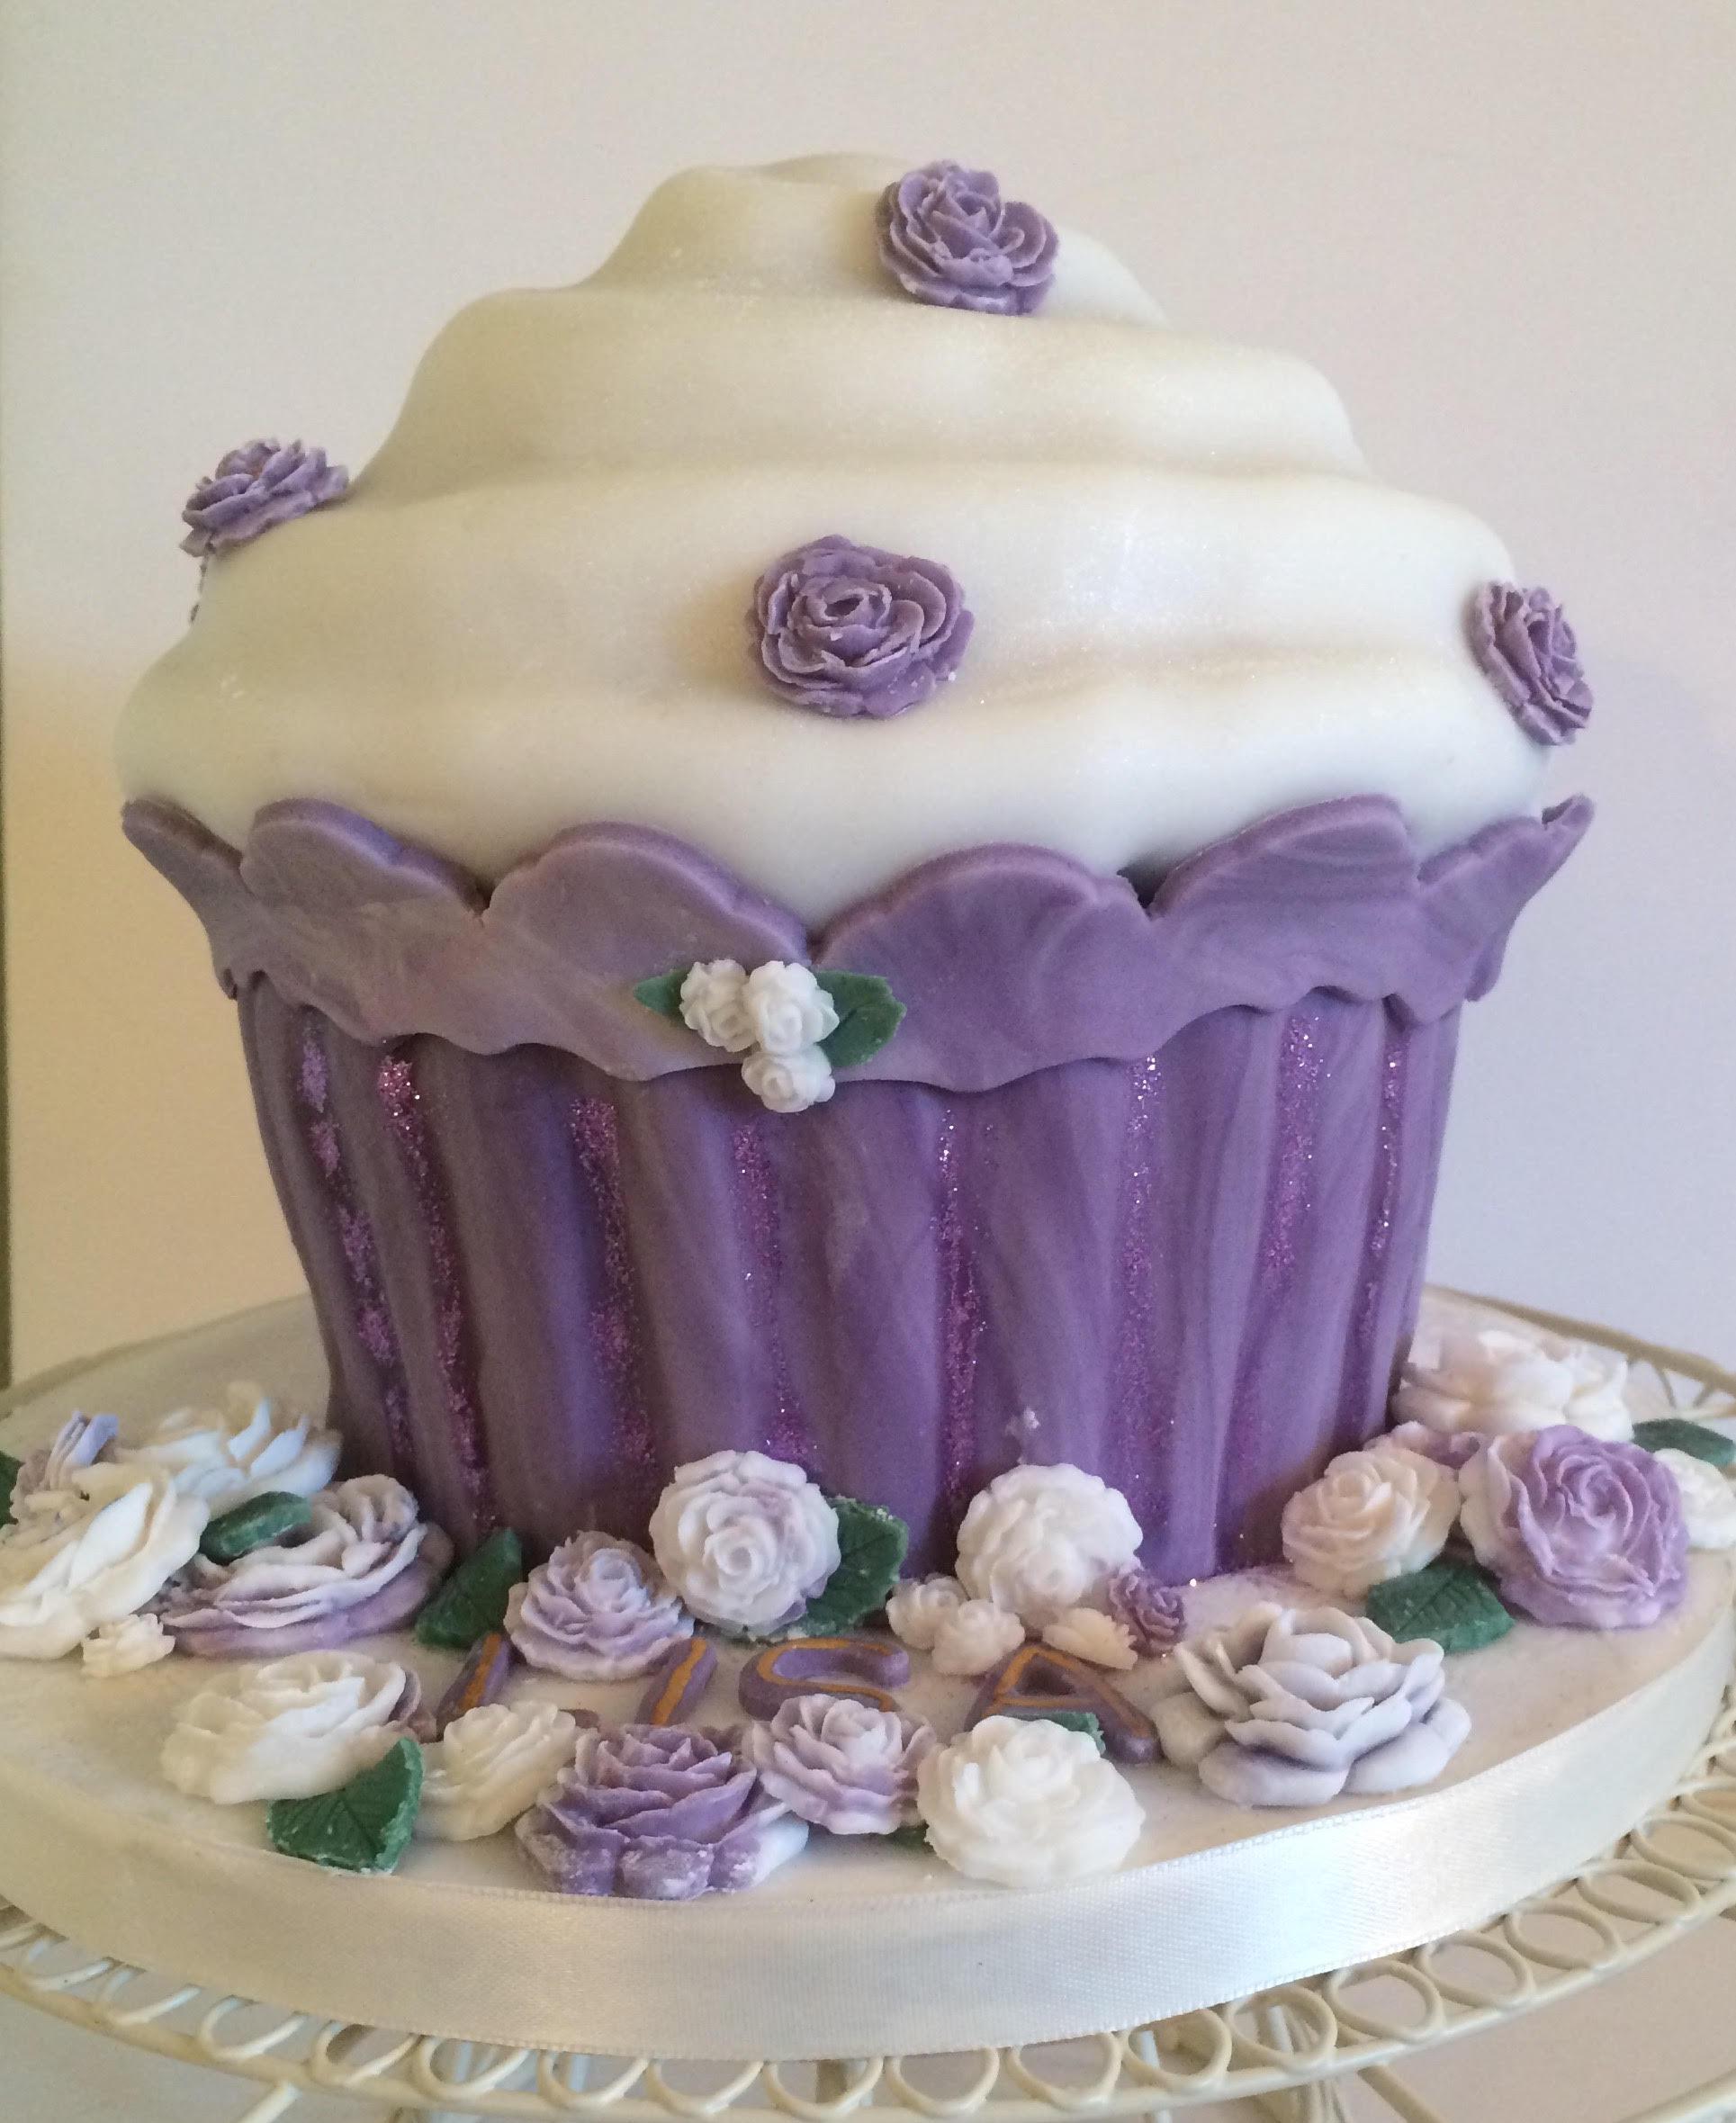 Birthday Cake for Lisa - Village Green Bakes